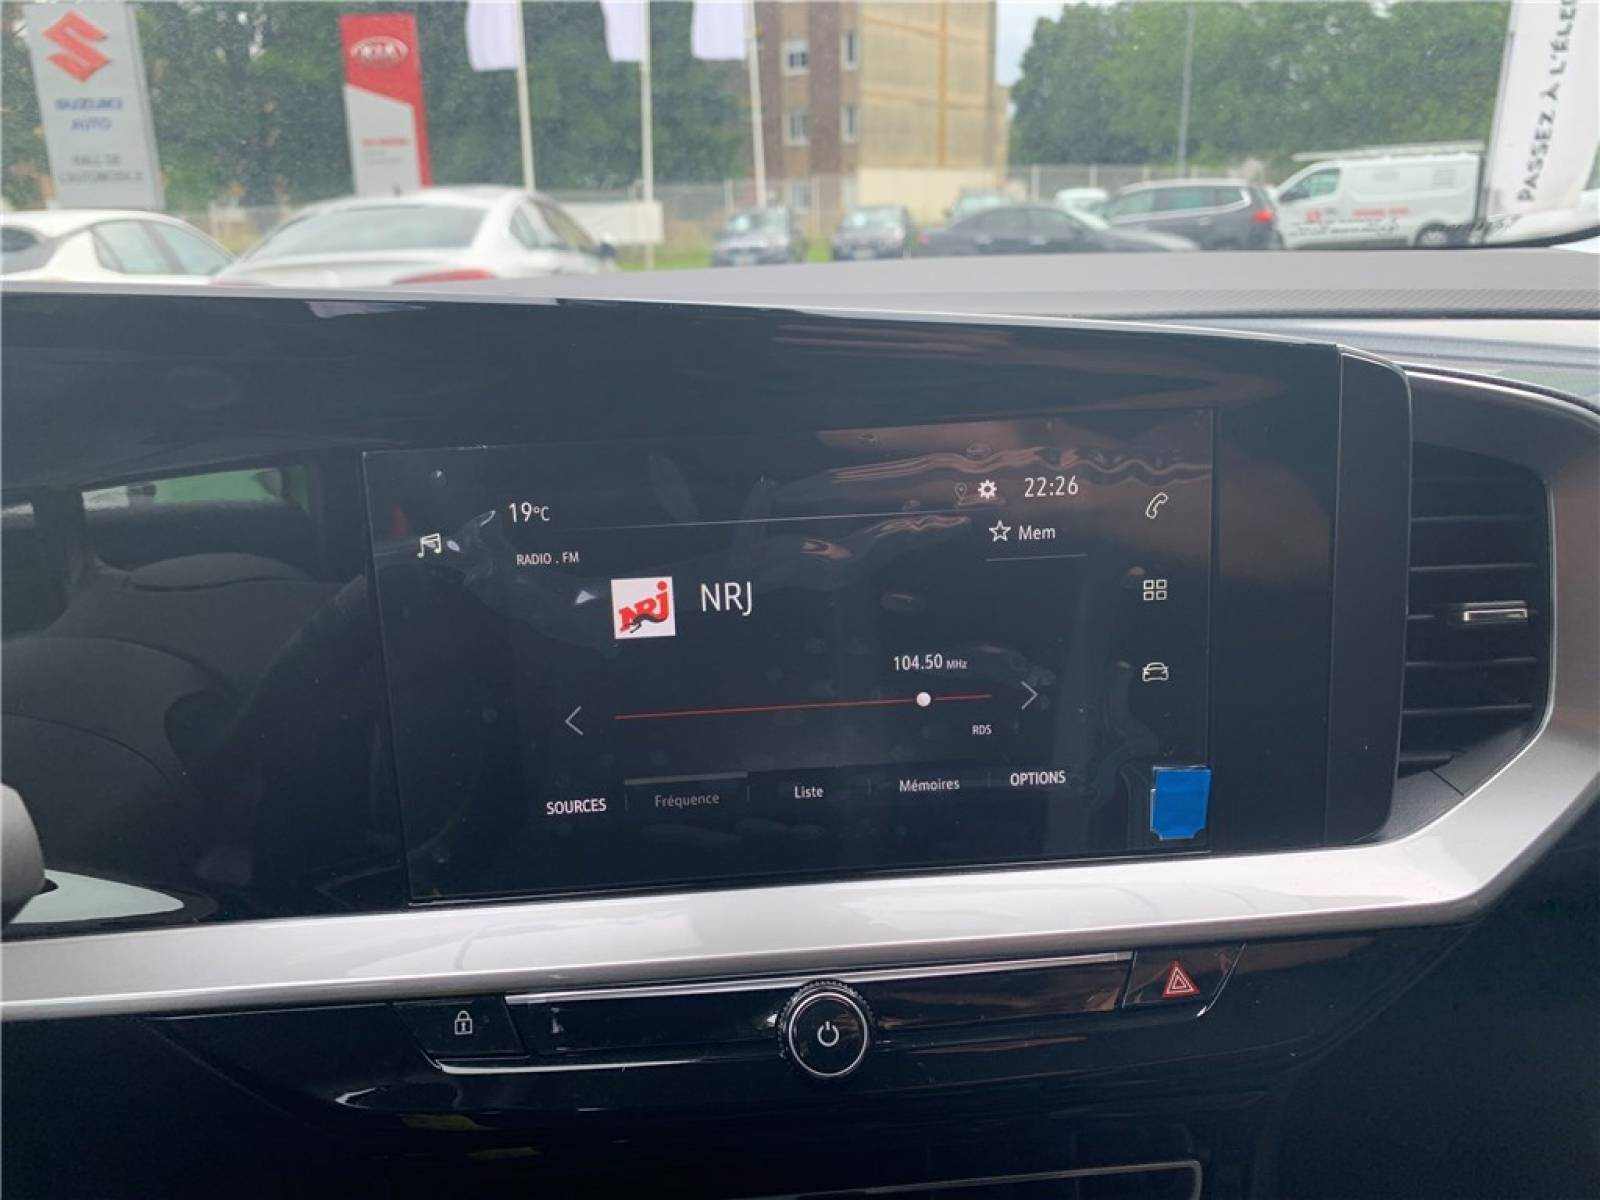 OPEL Mokka 1.2 Turbo 100 ch BVM6 - véhicule d'occasion - Groupe Guillet - Opel Magicauto - Montceau-les-Mines - 71300 - Montceau-les-Mines - 19